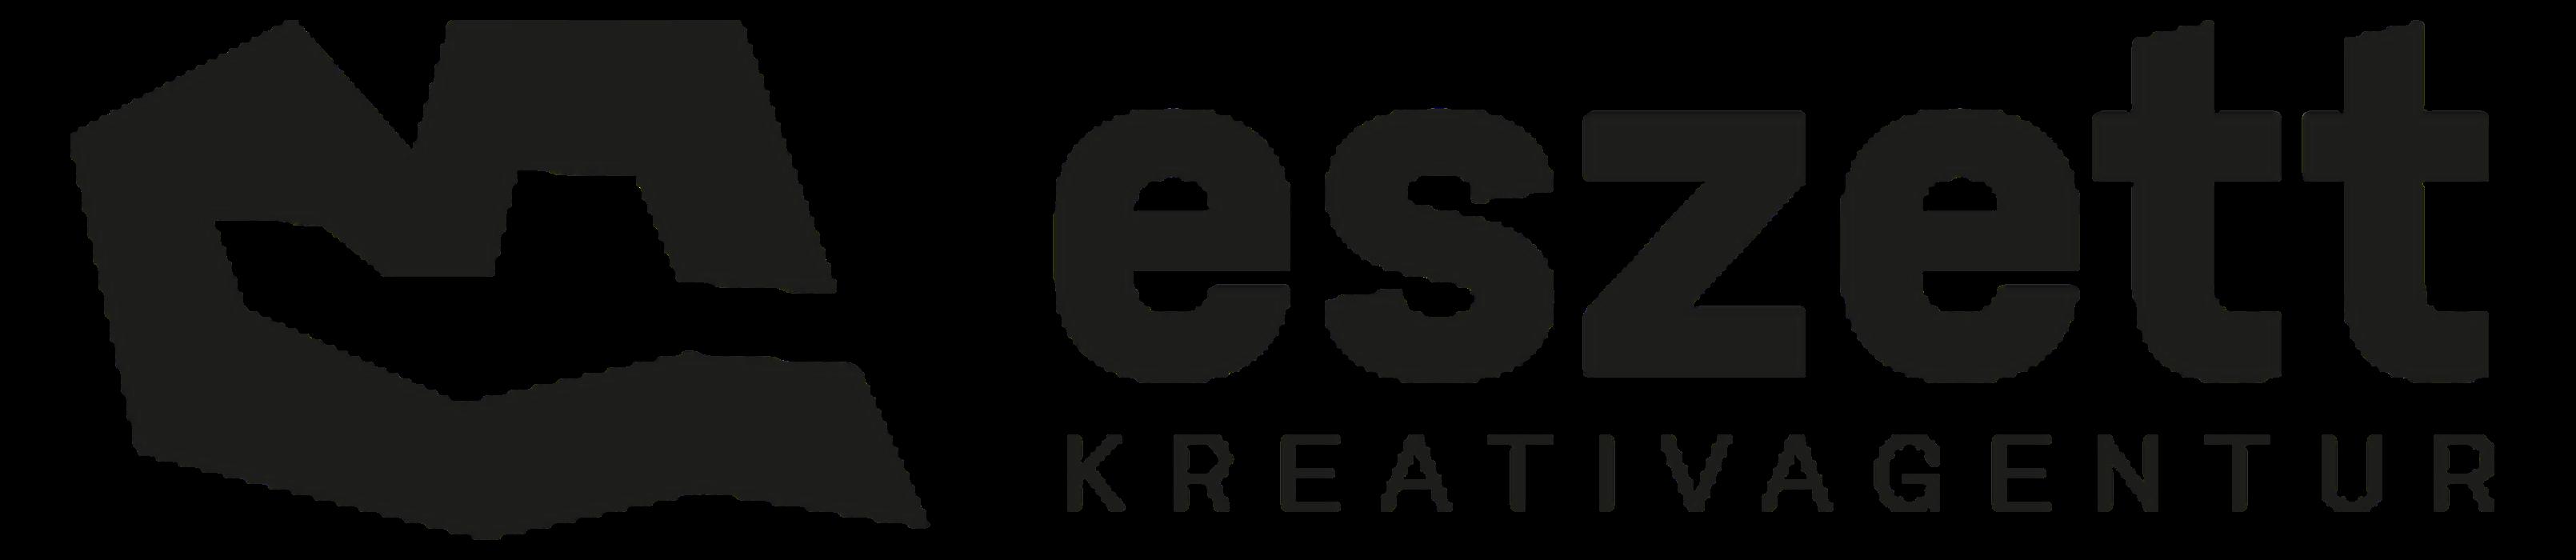 Bild zu eszett kreativagentur in Bremen